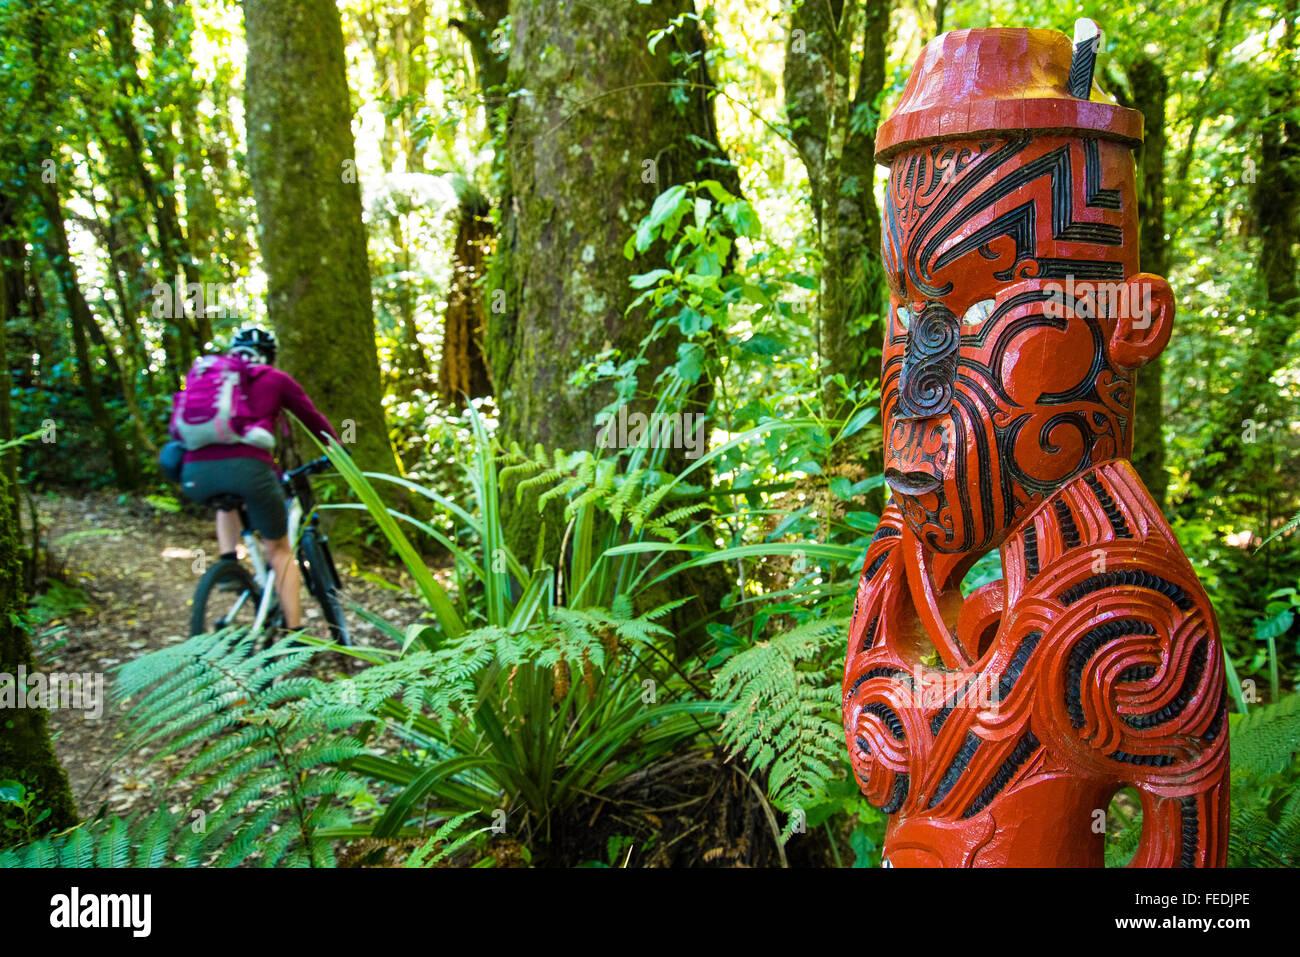 Ciclista de montaña y talla maorí en el inicio del sendero de madera en el Parque Forestal de Pureora Imagen De Stock